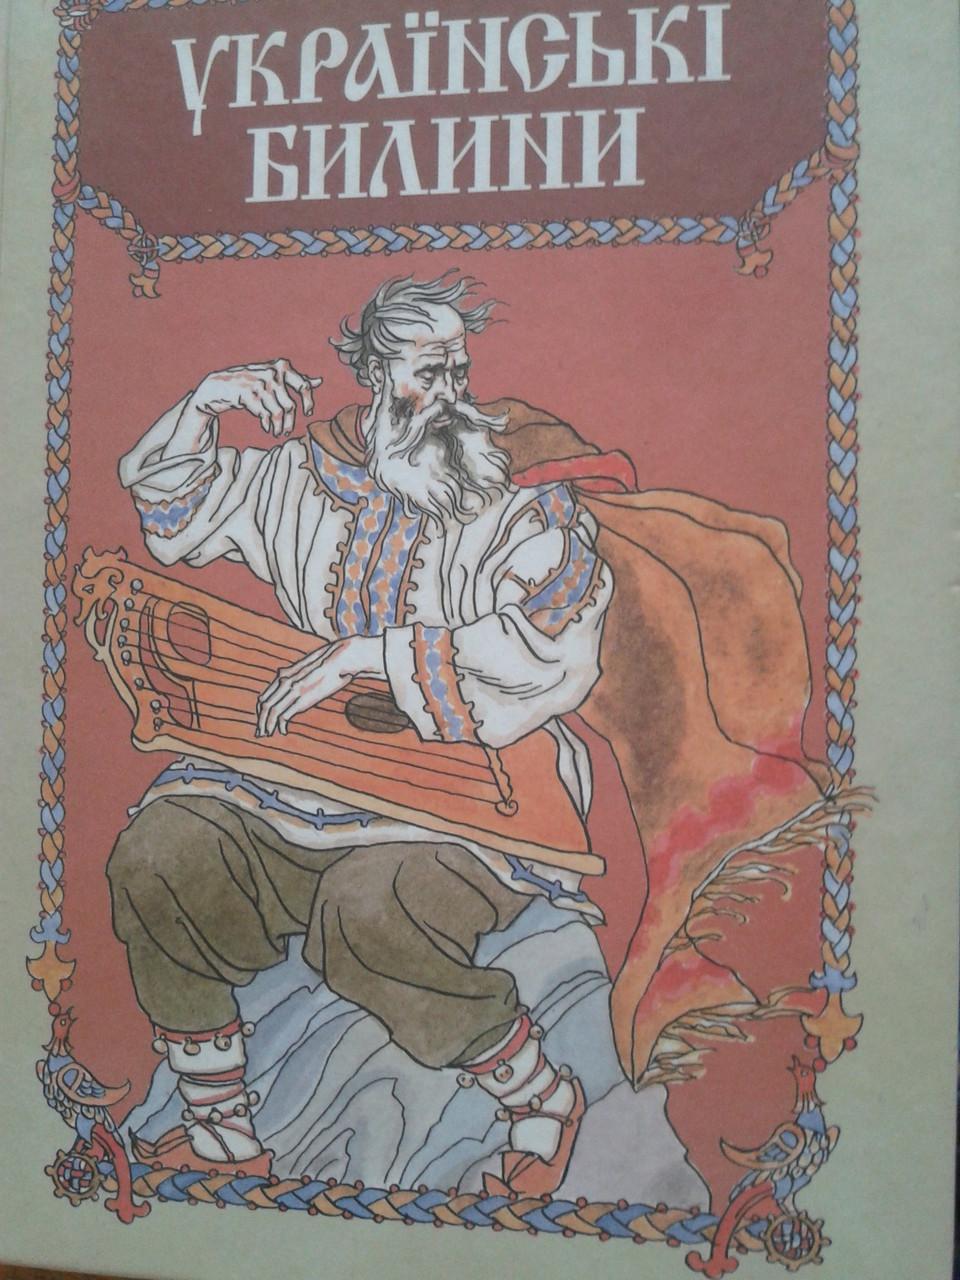 Били́на (стари́ни) — жанр героїчного епосу. Билинні сюжети створені переважно в часи Київської Русі.